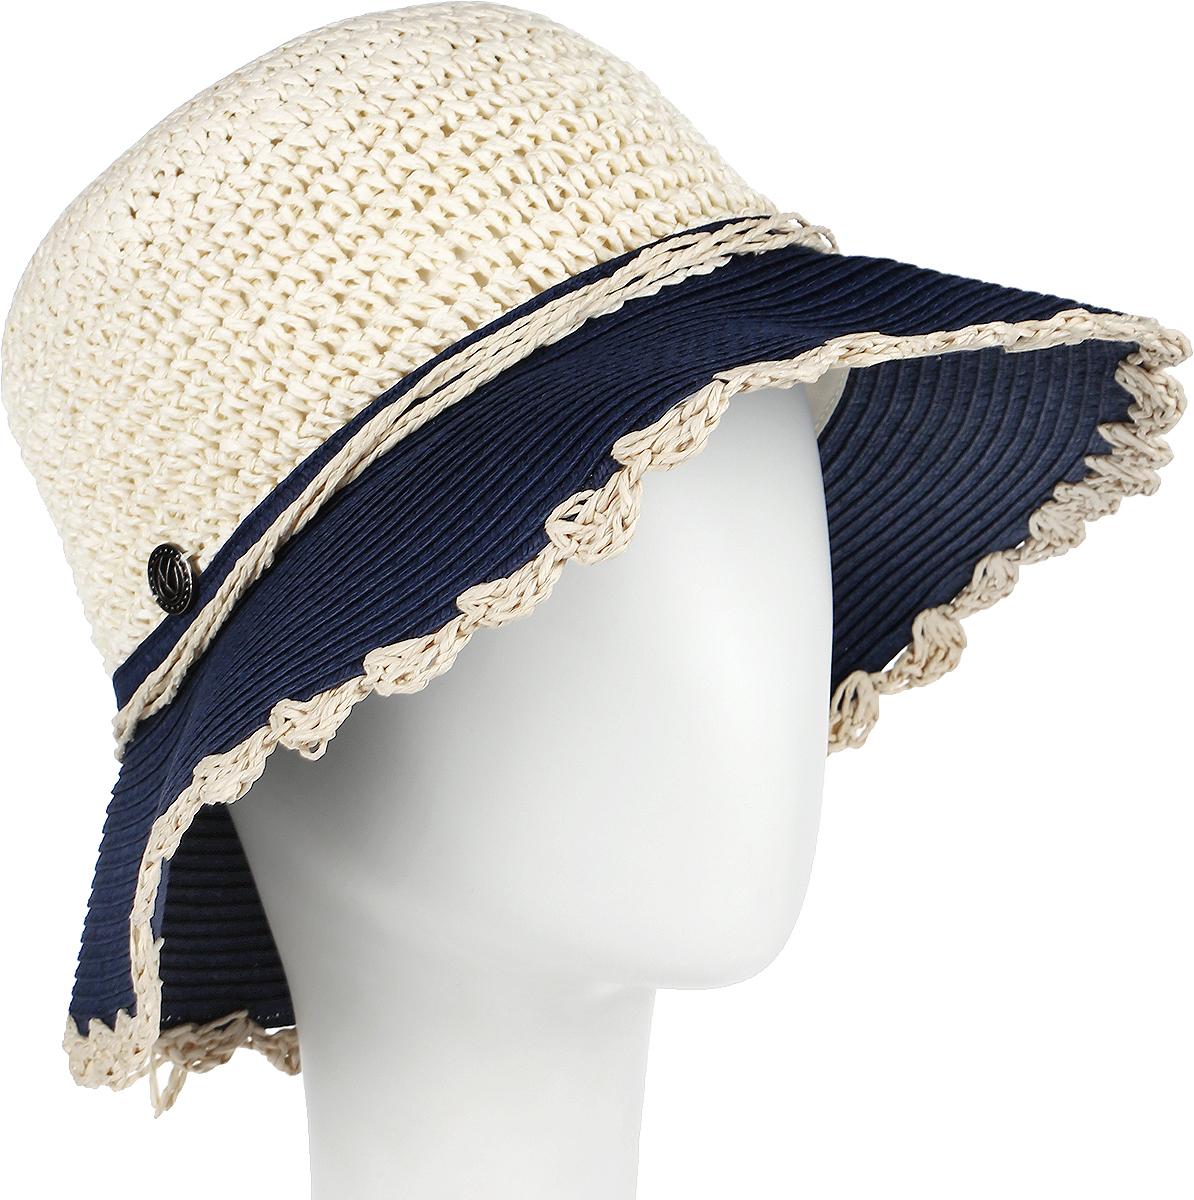 Шляпа женская R.Mountain Romy, цвет: бежевый, темно-синий. 77-140-32-55. Размер S (55)77-140-32-57Летняя женская шляпа R.Mountain Romy станет незаменимым аксессуаром для пляжа и отдыха на природе. Такая шляпка не только защитит вас от солнца, но и станет стильным дополнением вашего образа.Модель украшена соломенной лентой вокруг тульи. Края полей также отделаны оригинальными вензелями из соломки. Плетение шляпы обеспечивает необходимую вентиляцию и комфорт даже в самый знойный день. Шляпа легко восстанавливает свою форму после сжатия.Эта элегантная легкая шляпка подчеркнет вашу неповторимость и дополнит ваш повседневный образ.